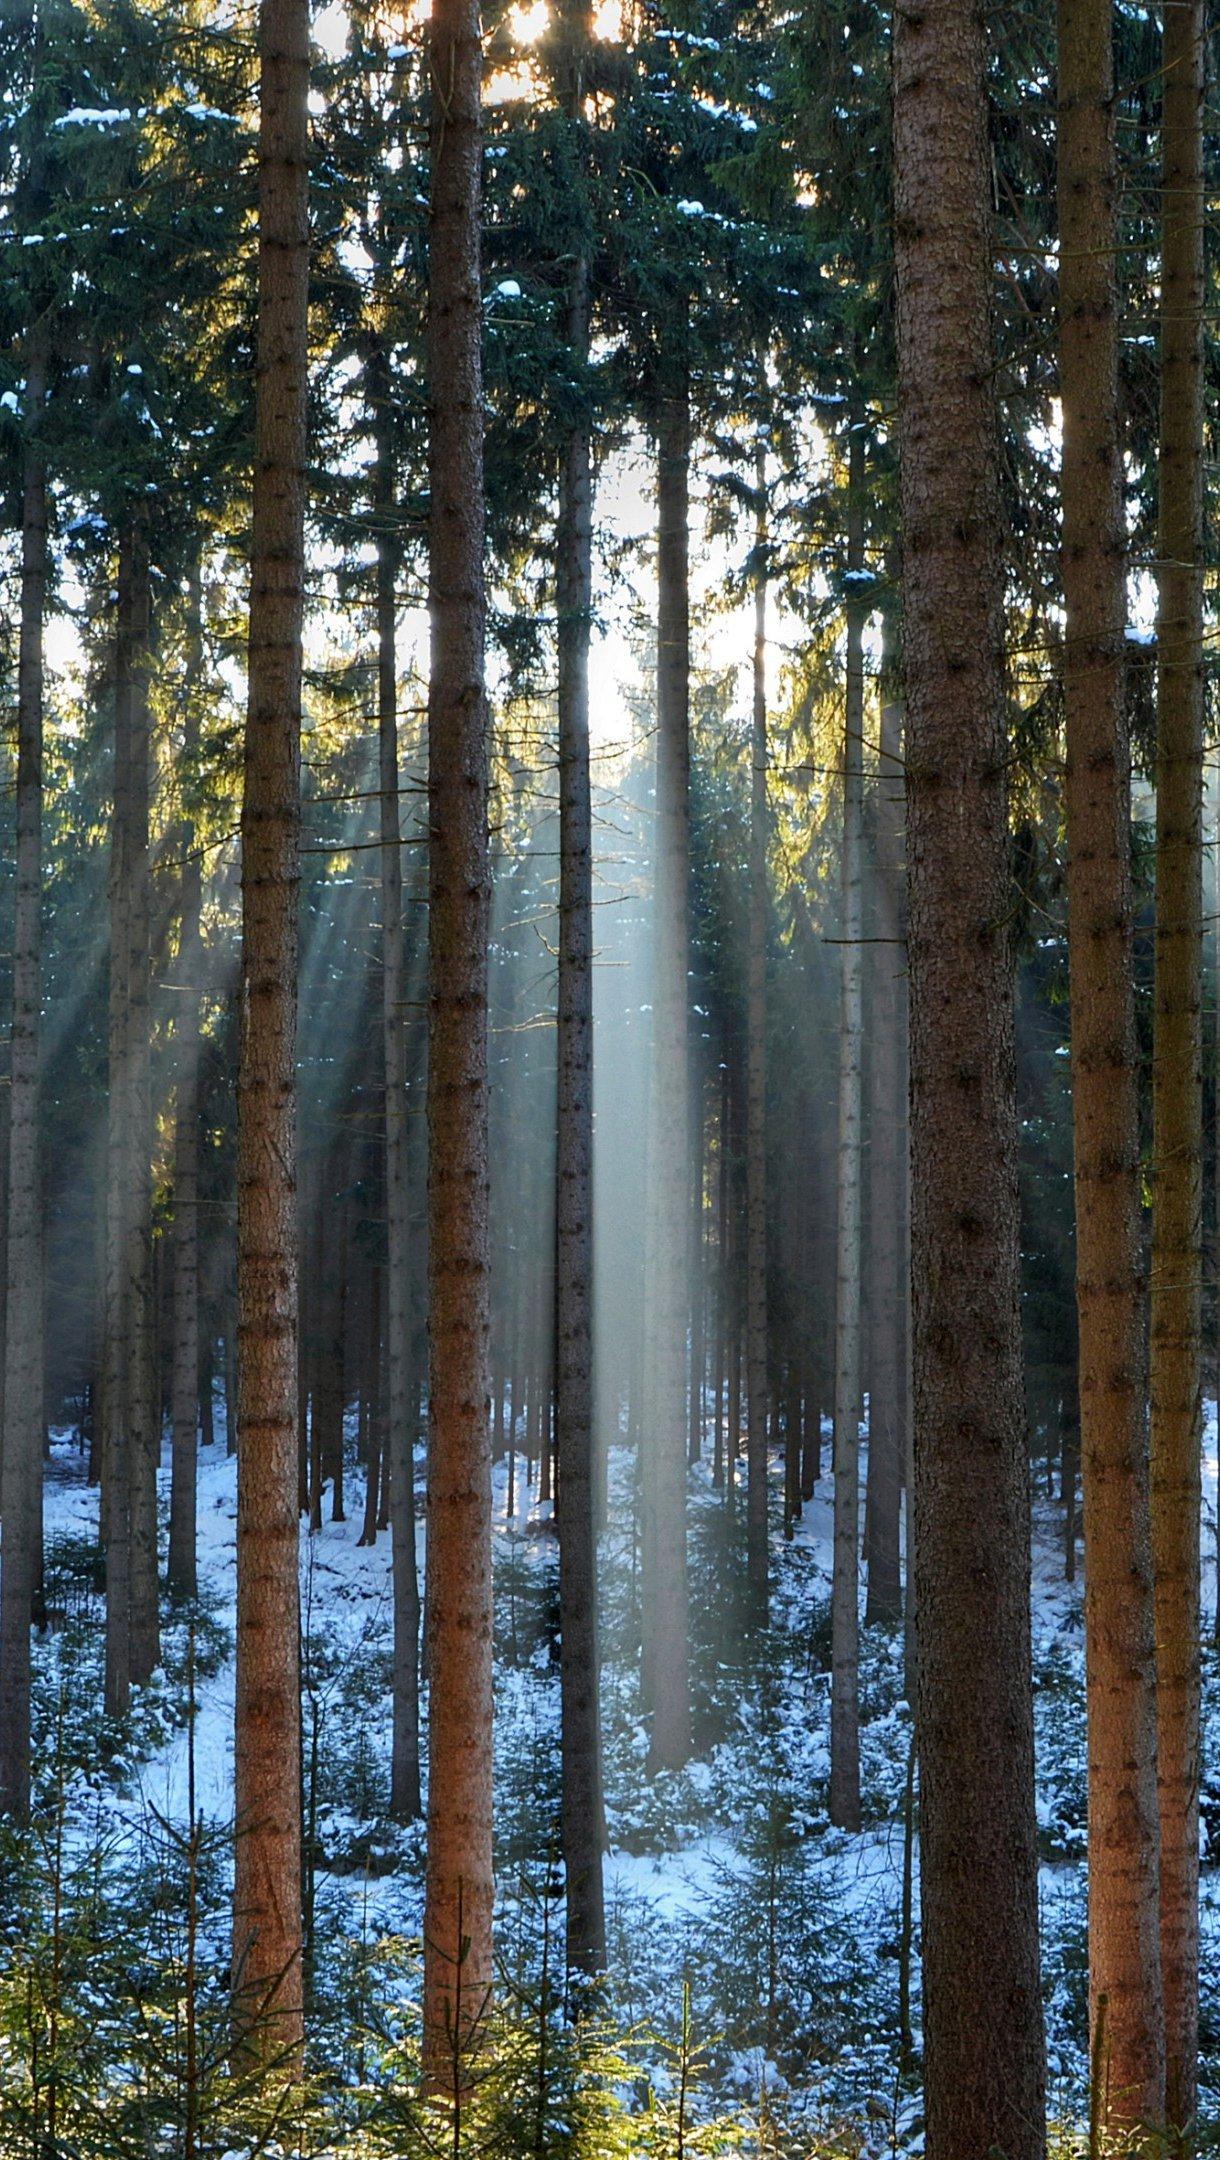 Fondos de pantalla Luz del sol a través de pinos en el bosque Vertical